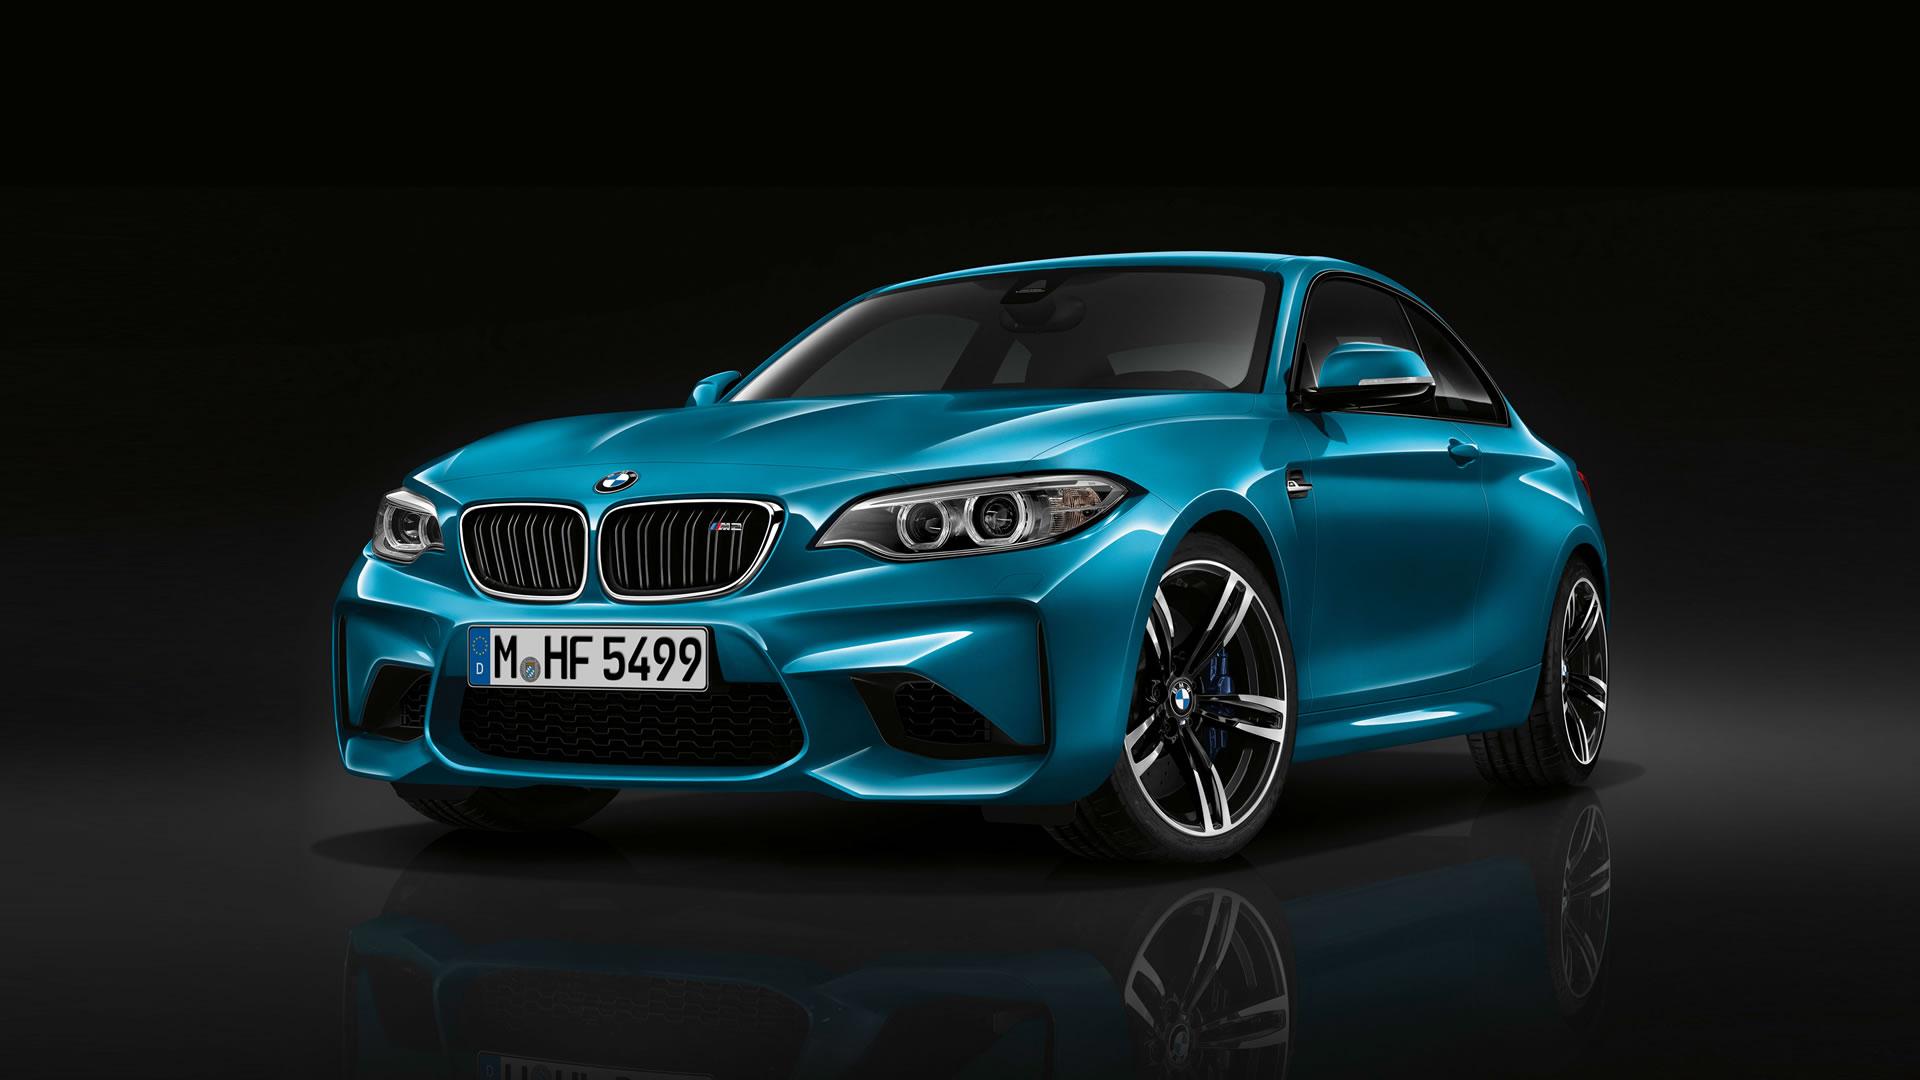 2016 BMW M2 Coupe 1920 x 1080 wallpaper Long Beach Blue paint front 1920x1080